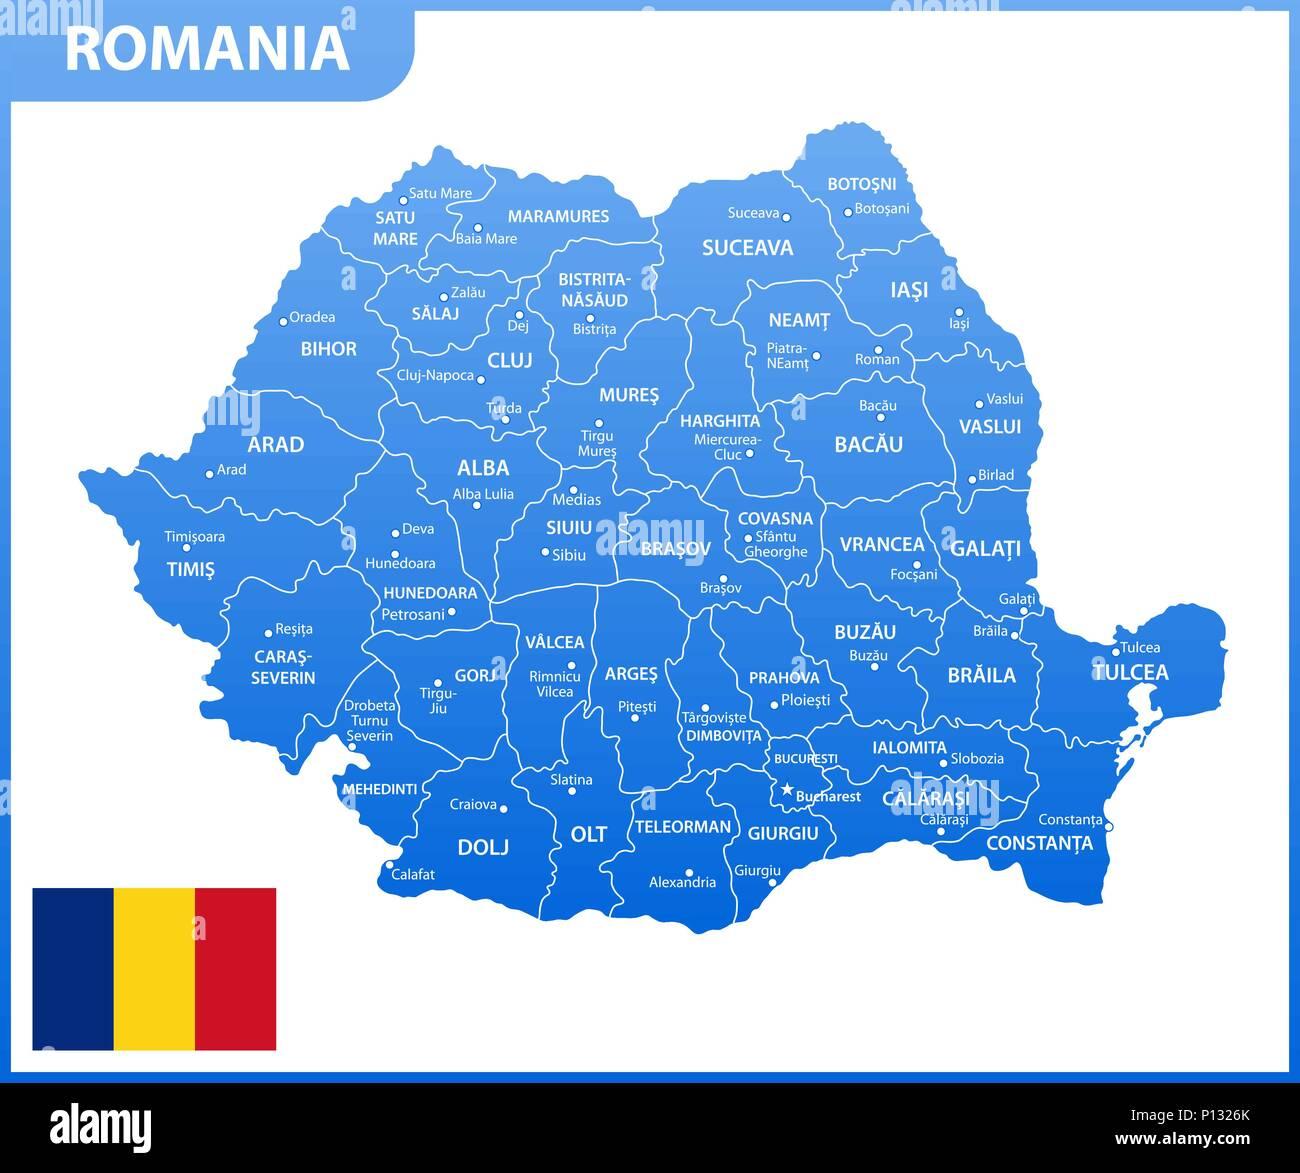 Cartina Dettagliata Romania.La Mappa Dettagliata Della Romania Con Le Regioni O Gli Stati E Le Citta Capitali Divisione Amministrativa Immagine E Vettoriale Alamy